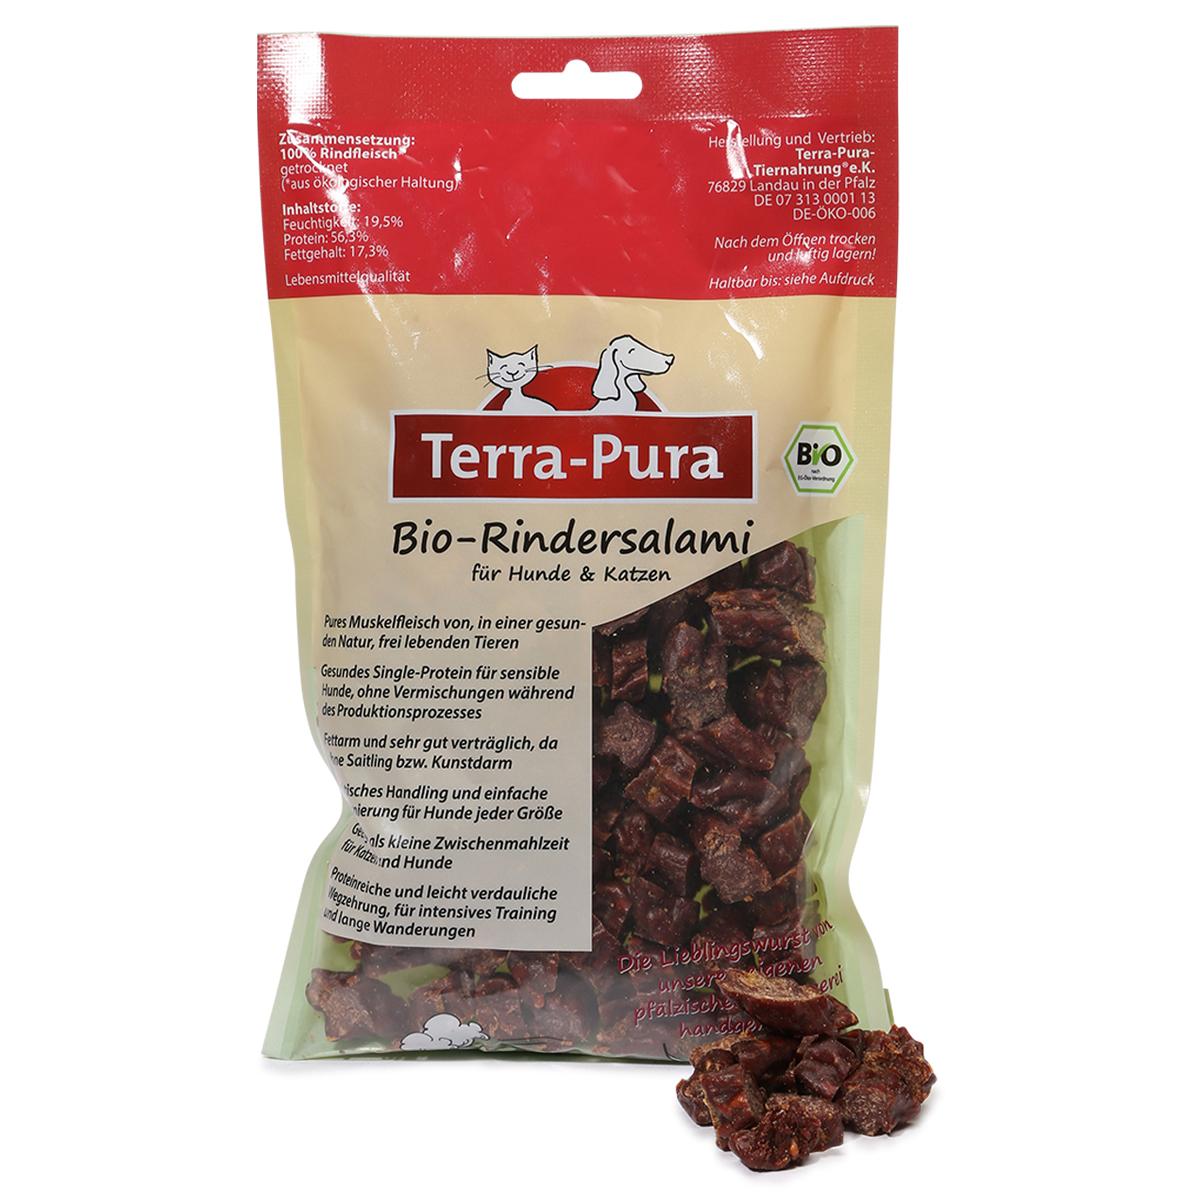 Terra Pura Hunde- und Katzensnack Bio Rindersalami in Scheiben 250g